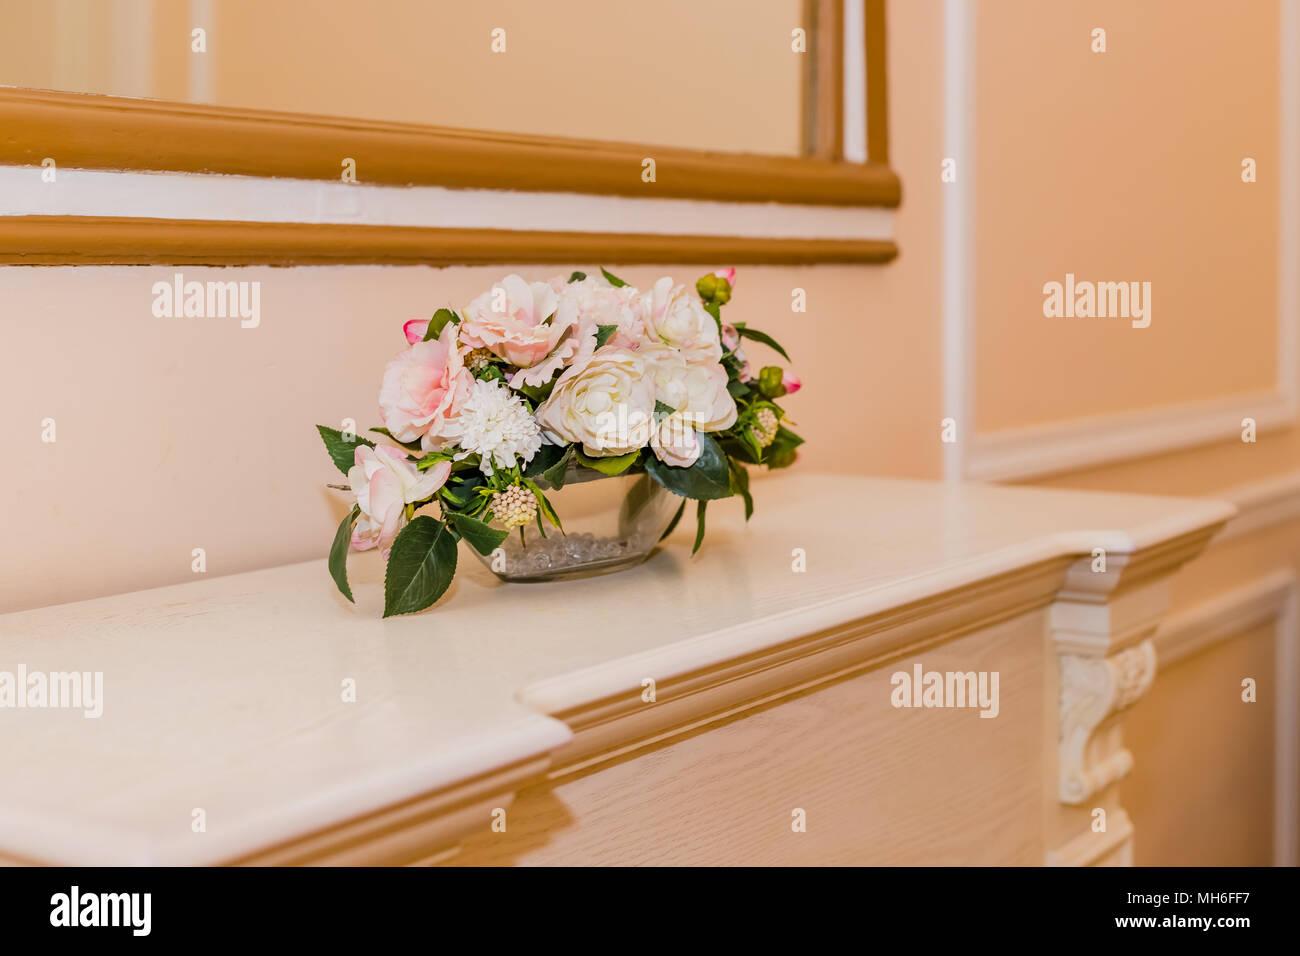 Feuille D Eucalyptus Bouquet belle fleur mariage bouquet de roses blanches, roses, avec